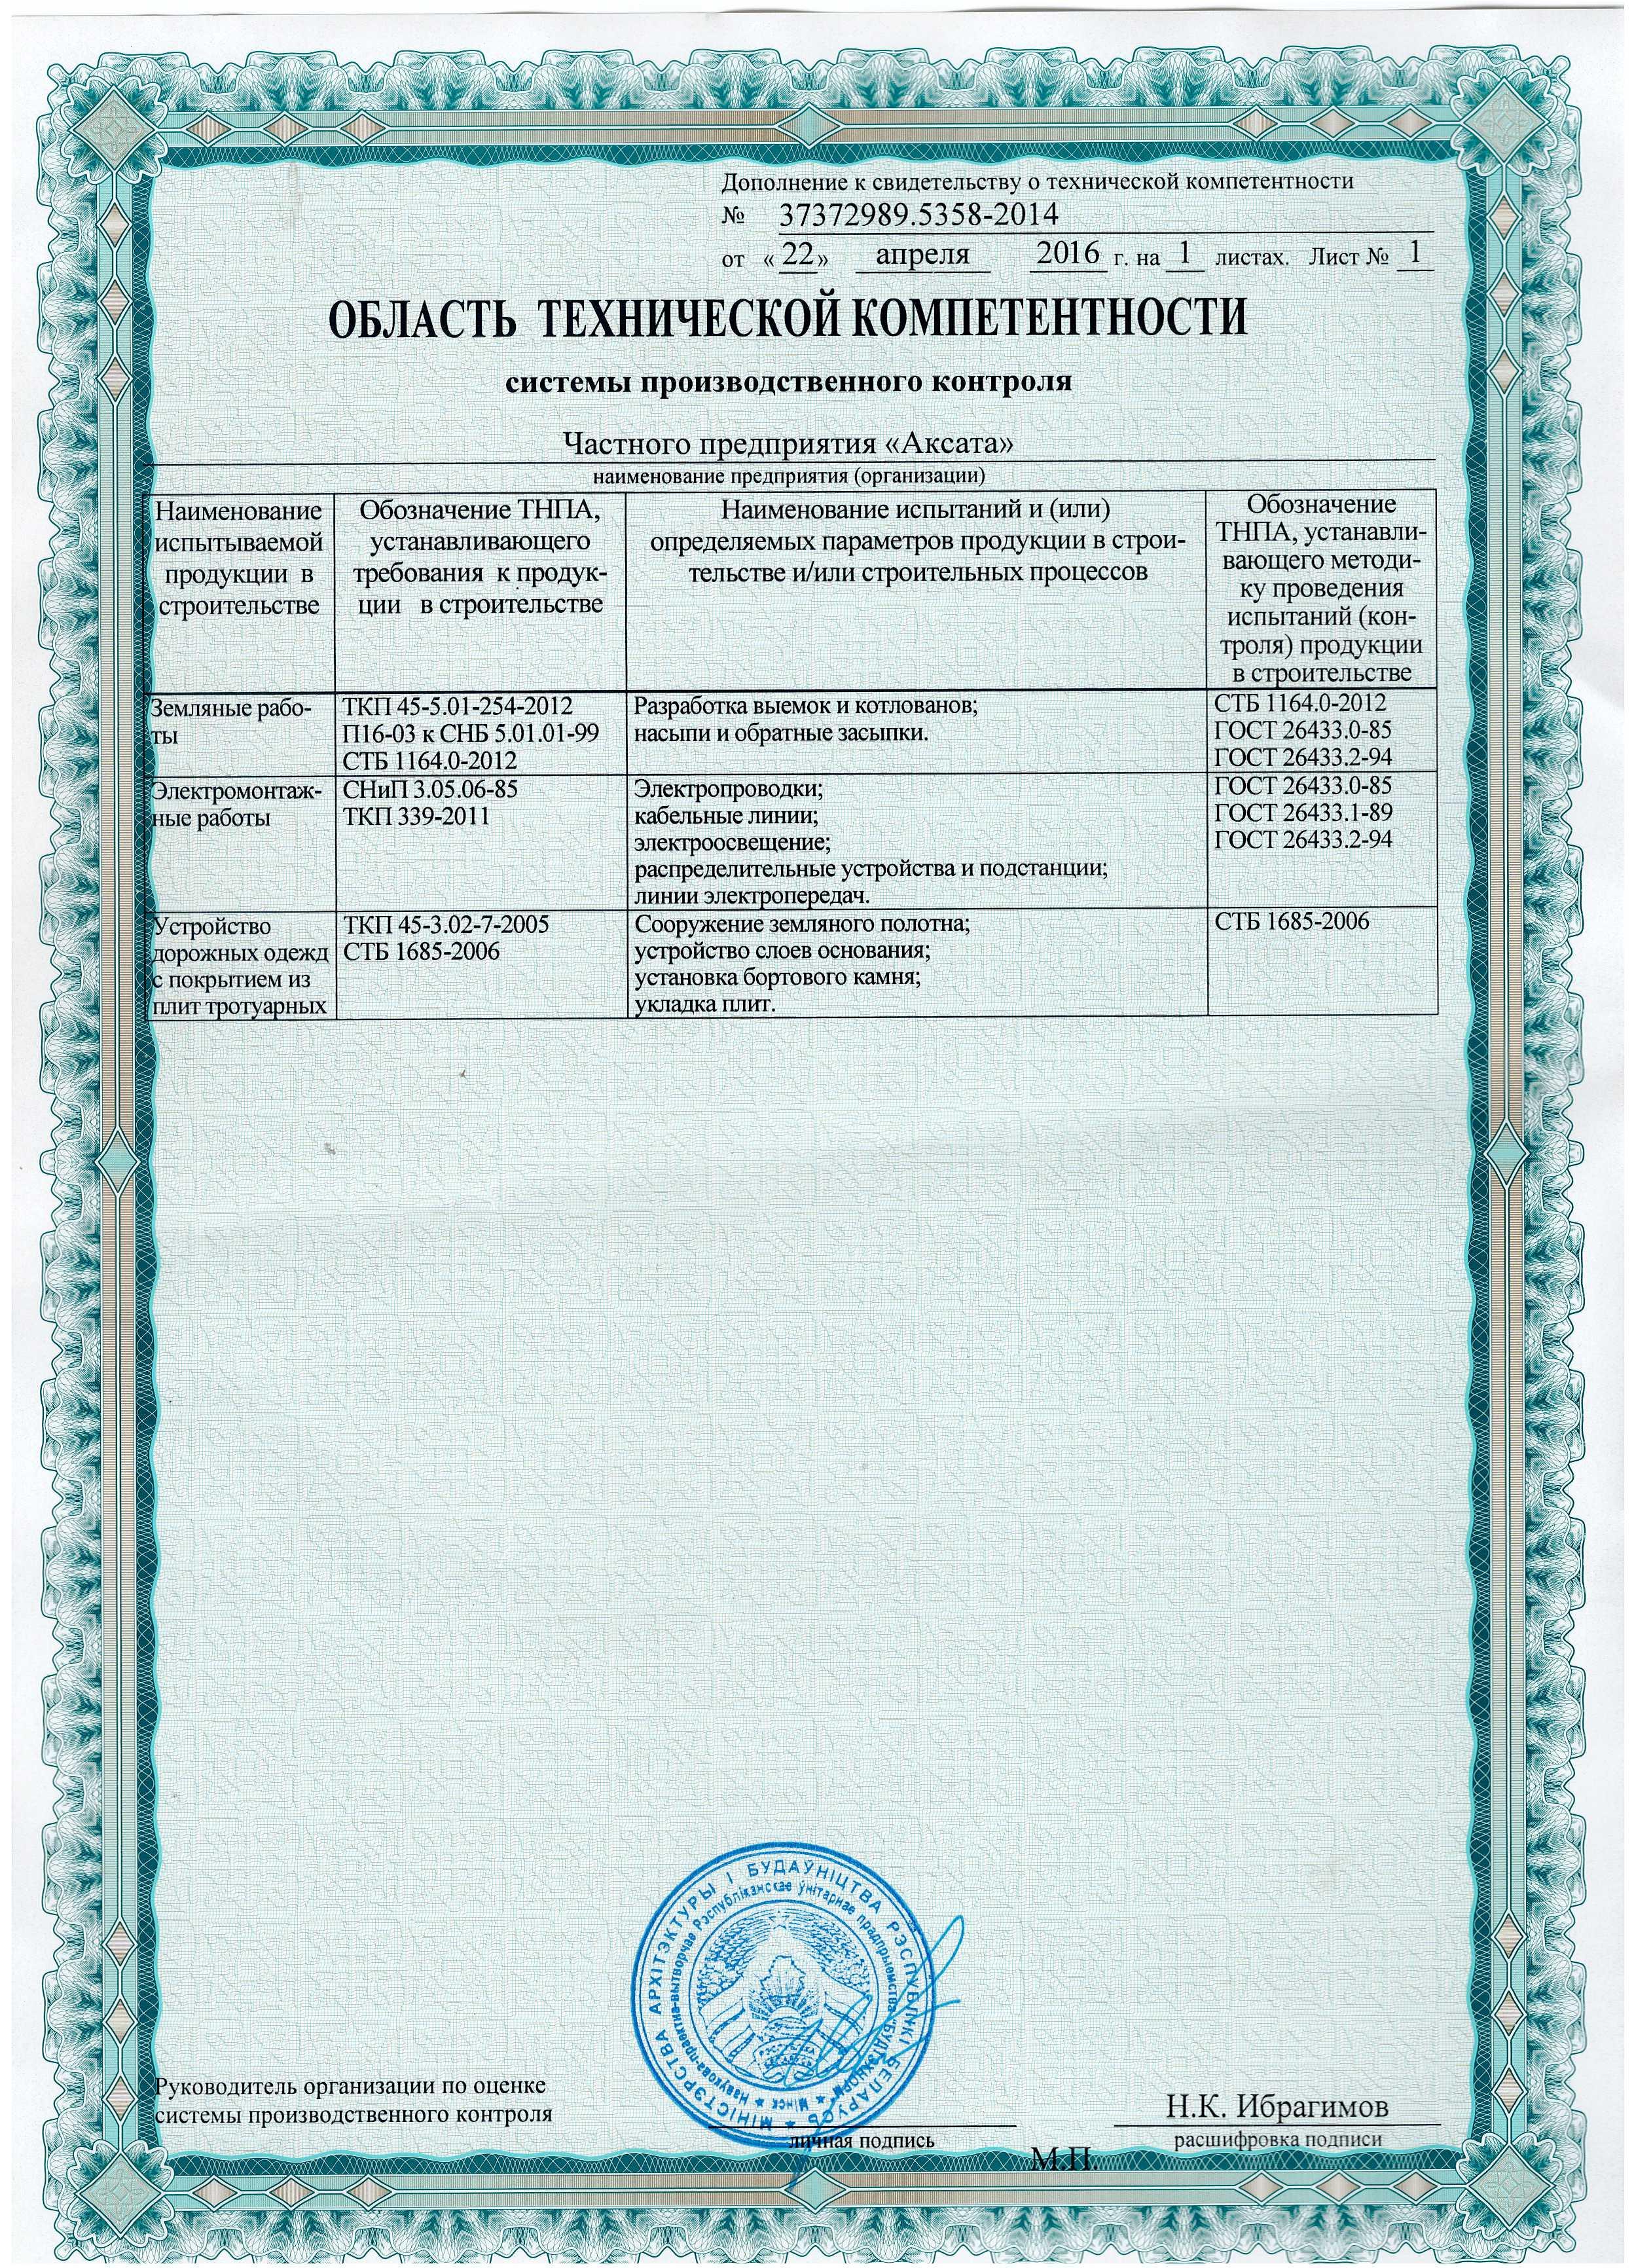 Свидетельство о технической компетентности, компания Аксата